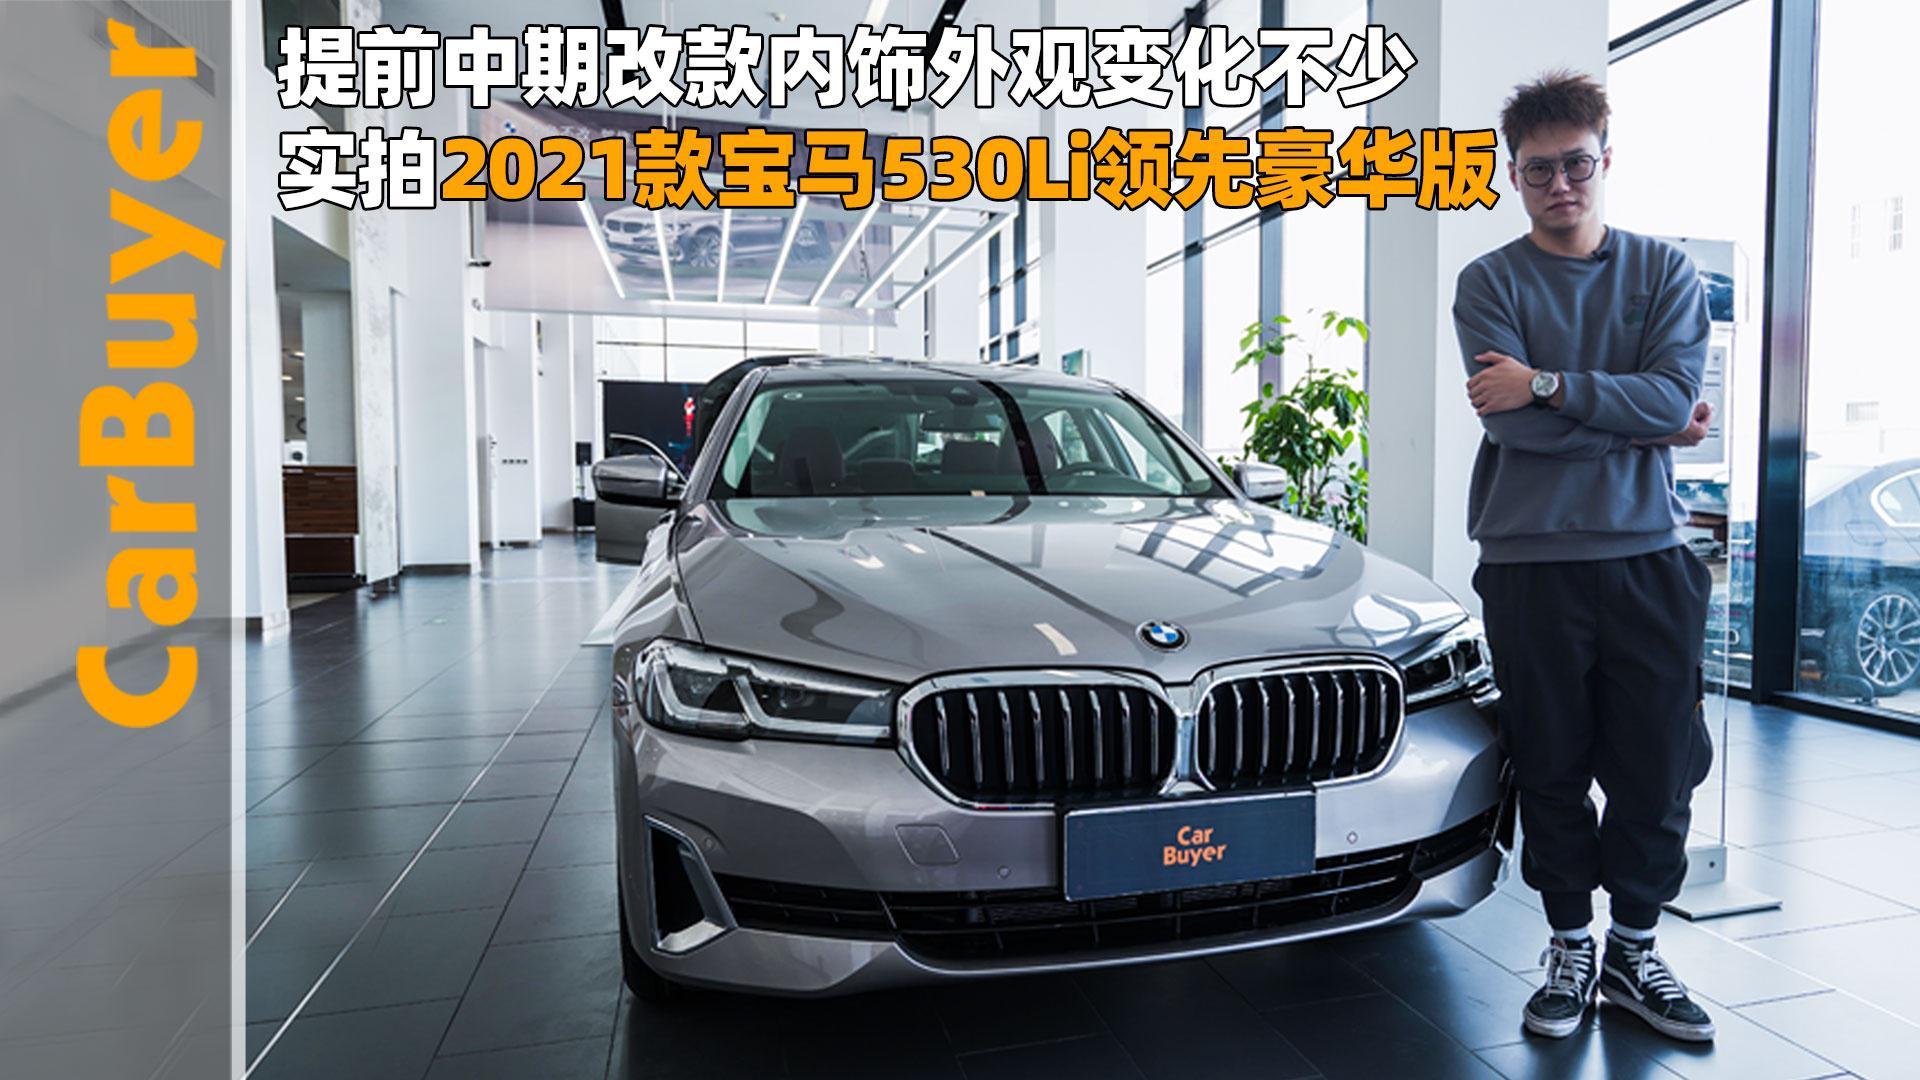 视频:提前中期改款内饰外观变化不少,实拍2021款宝马530Li领先豪华版